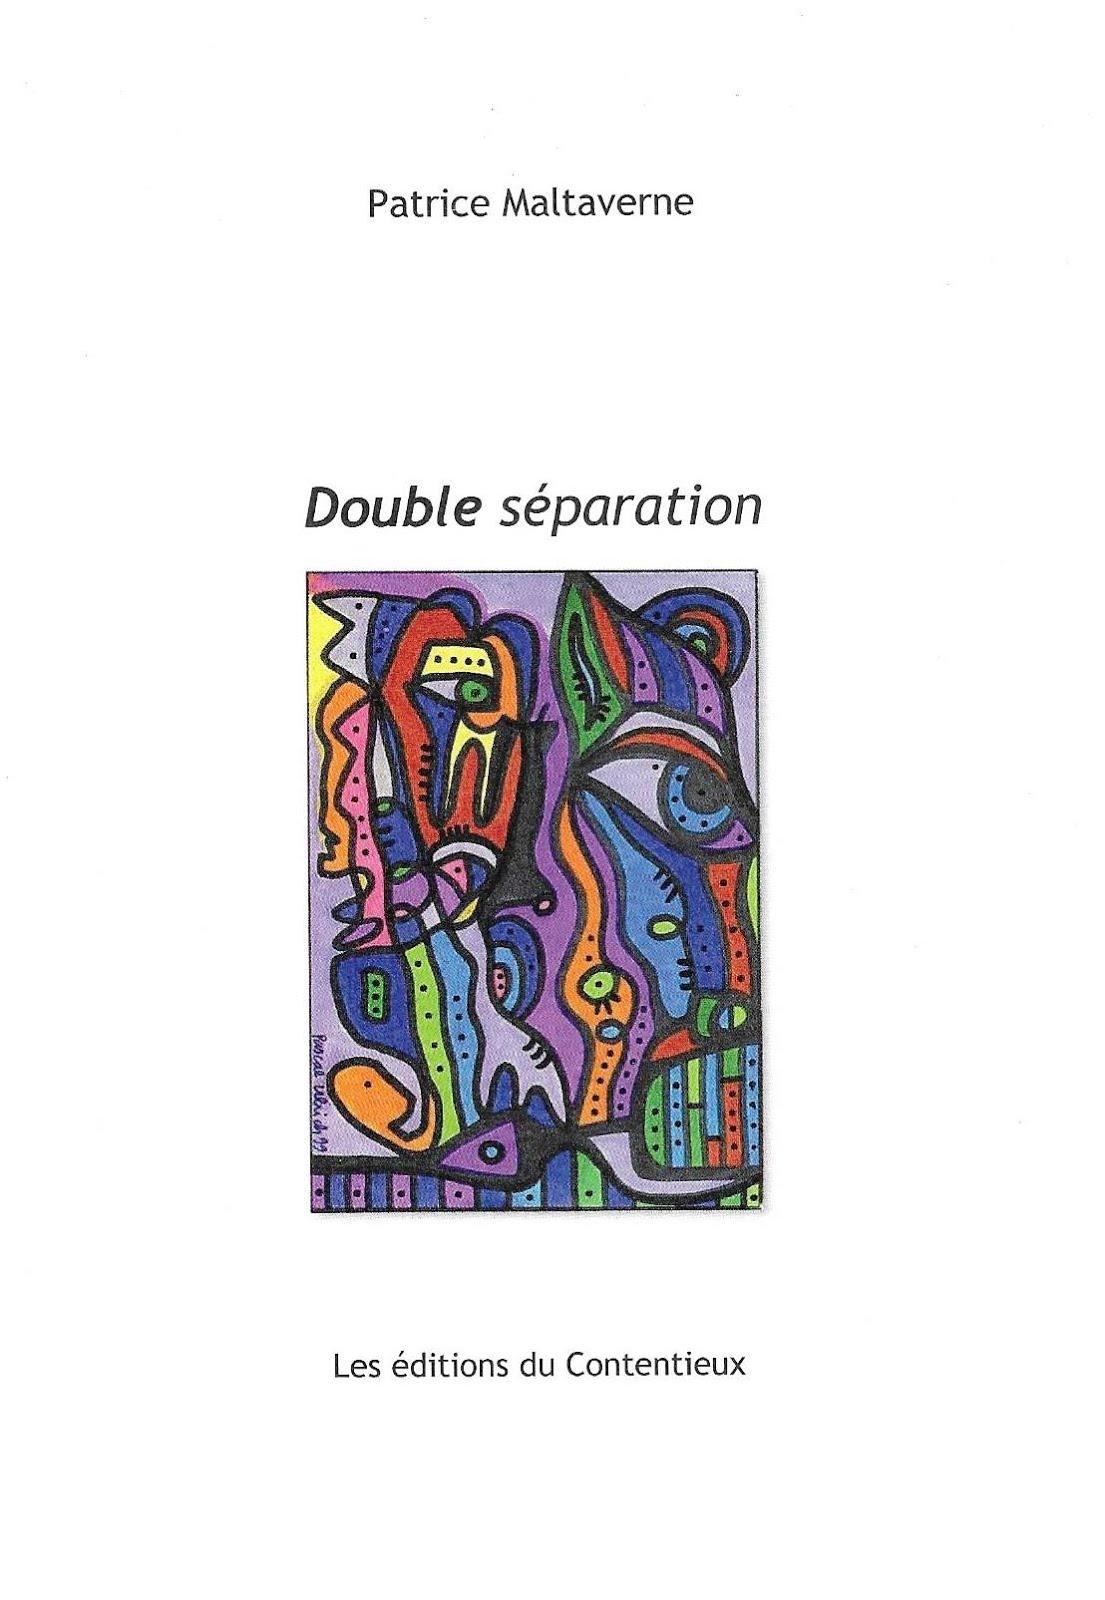 """Les recueils de Malta disponibles : """"Double séparation"""" (dernier paru)"""